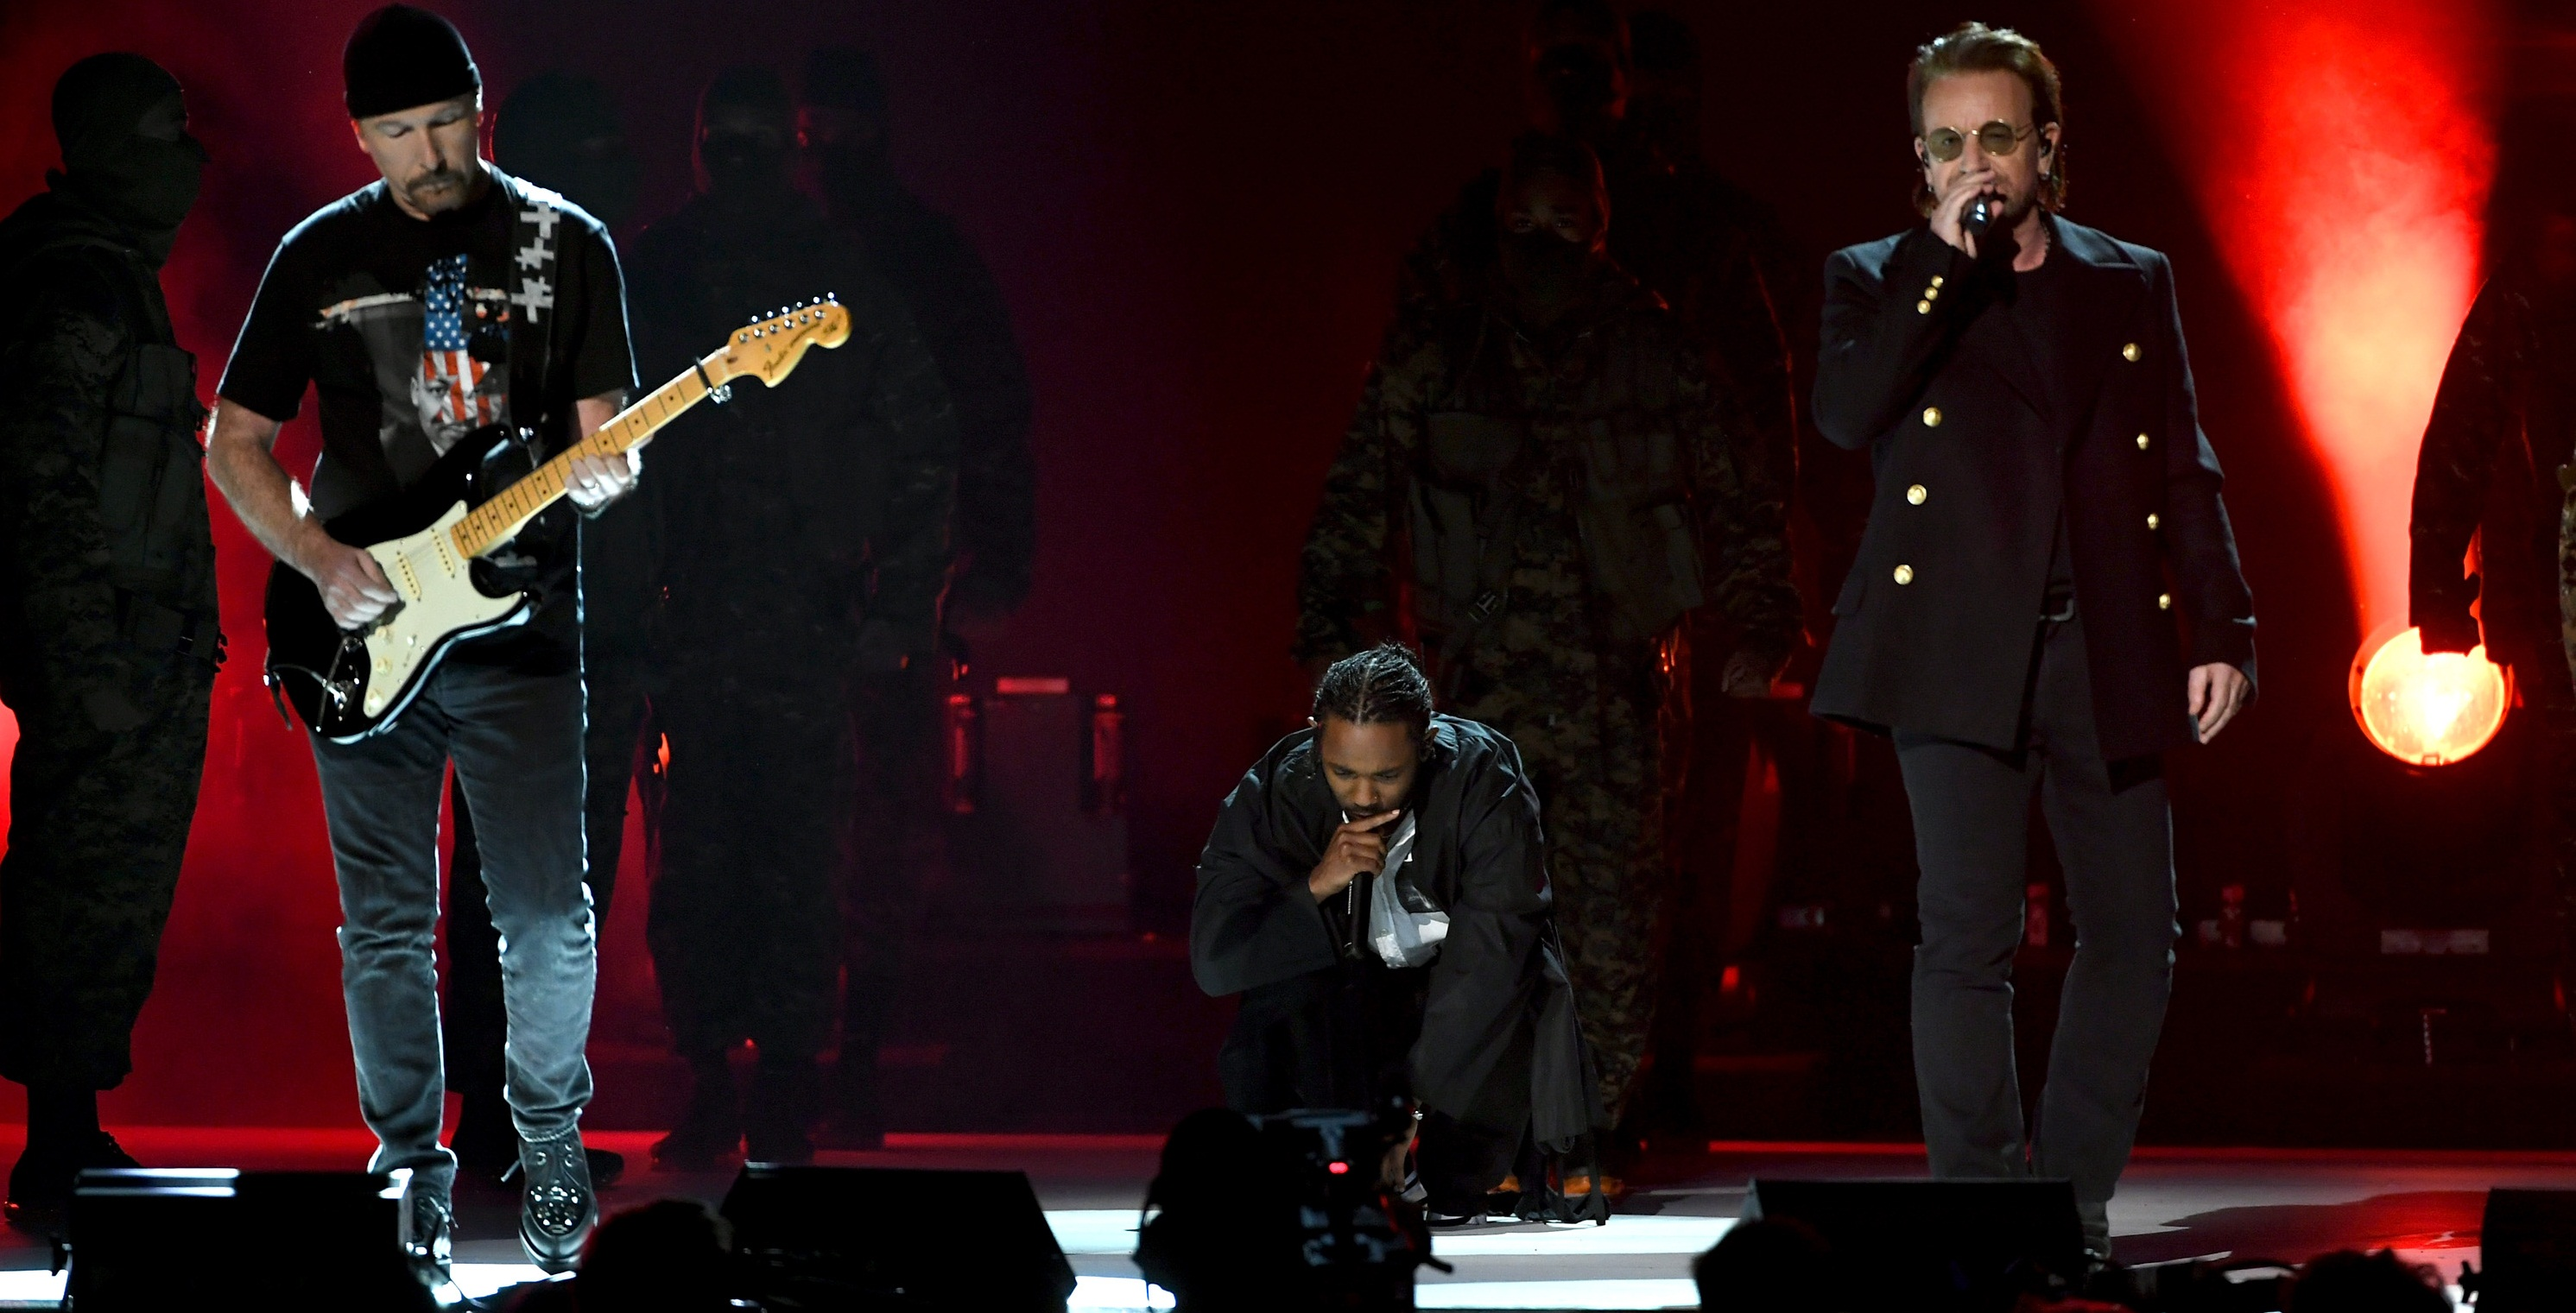 Grammy 2018: Kendrick Lamar faz performance arrebatadora com U2